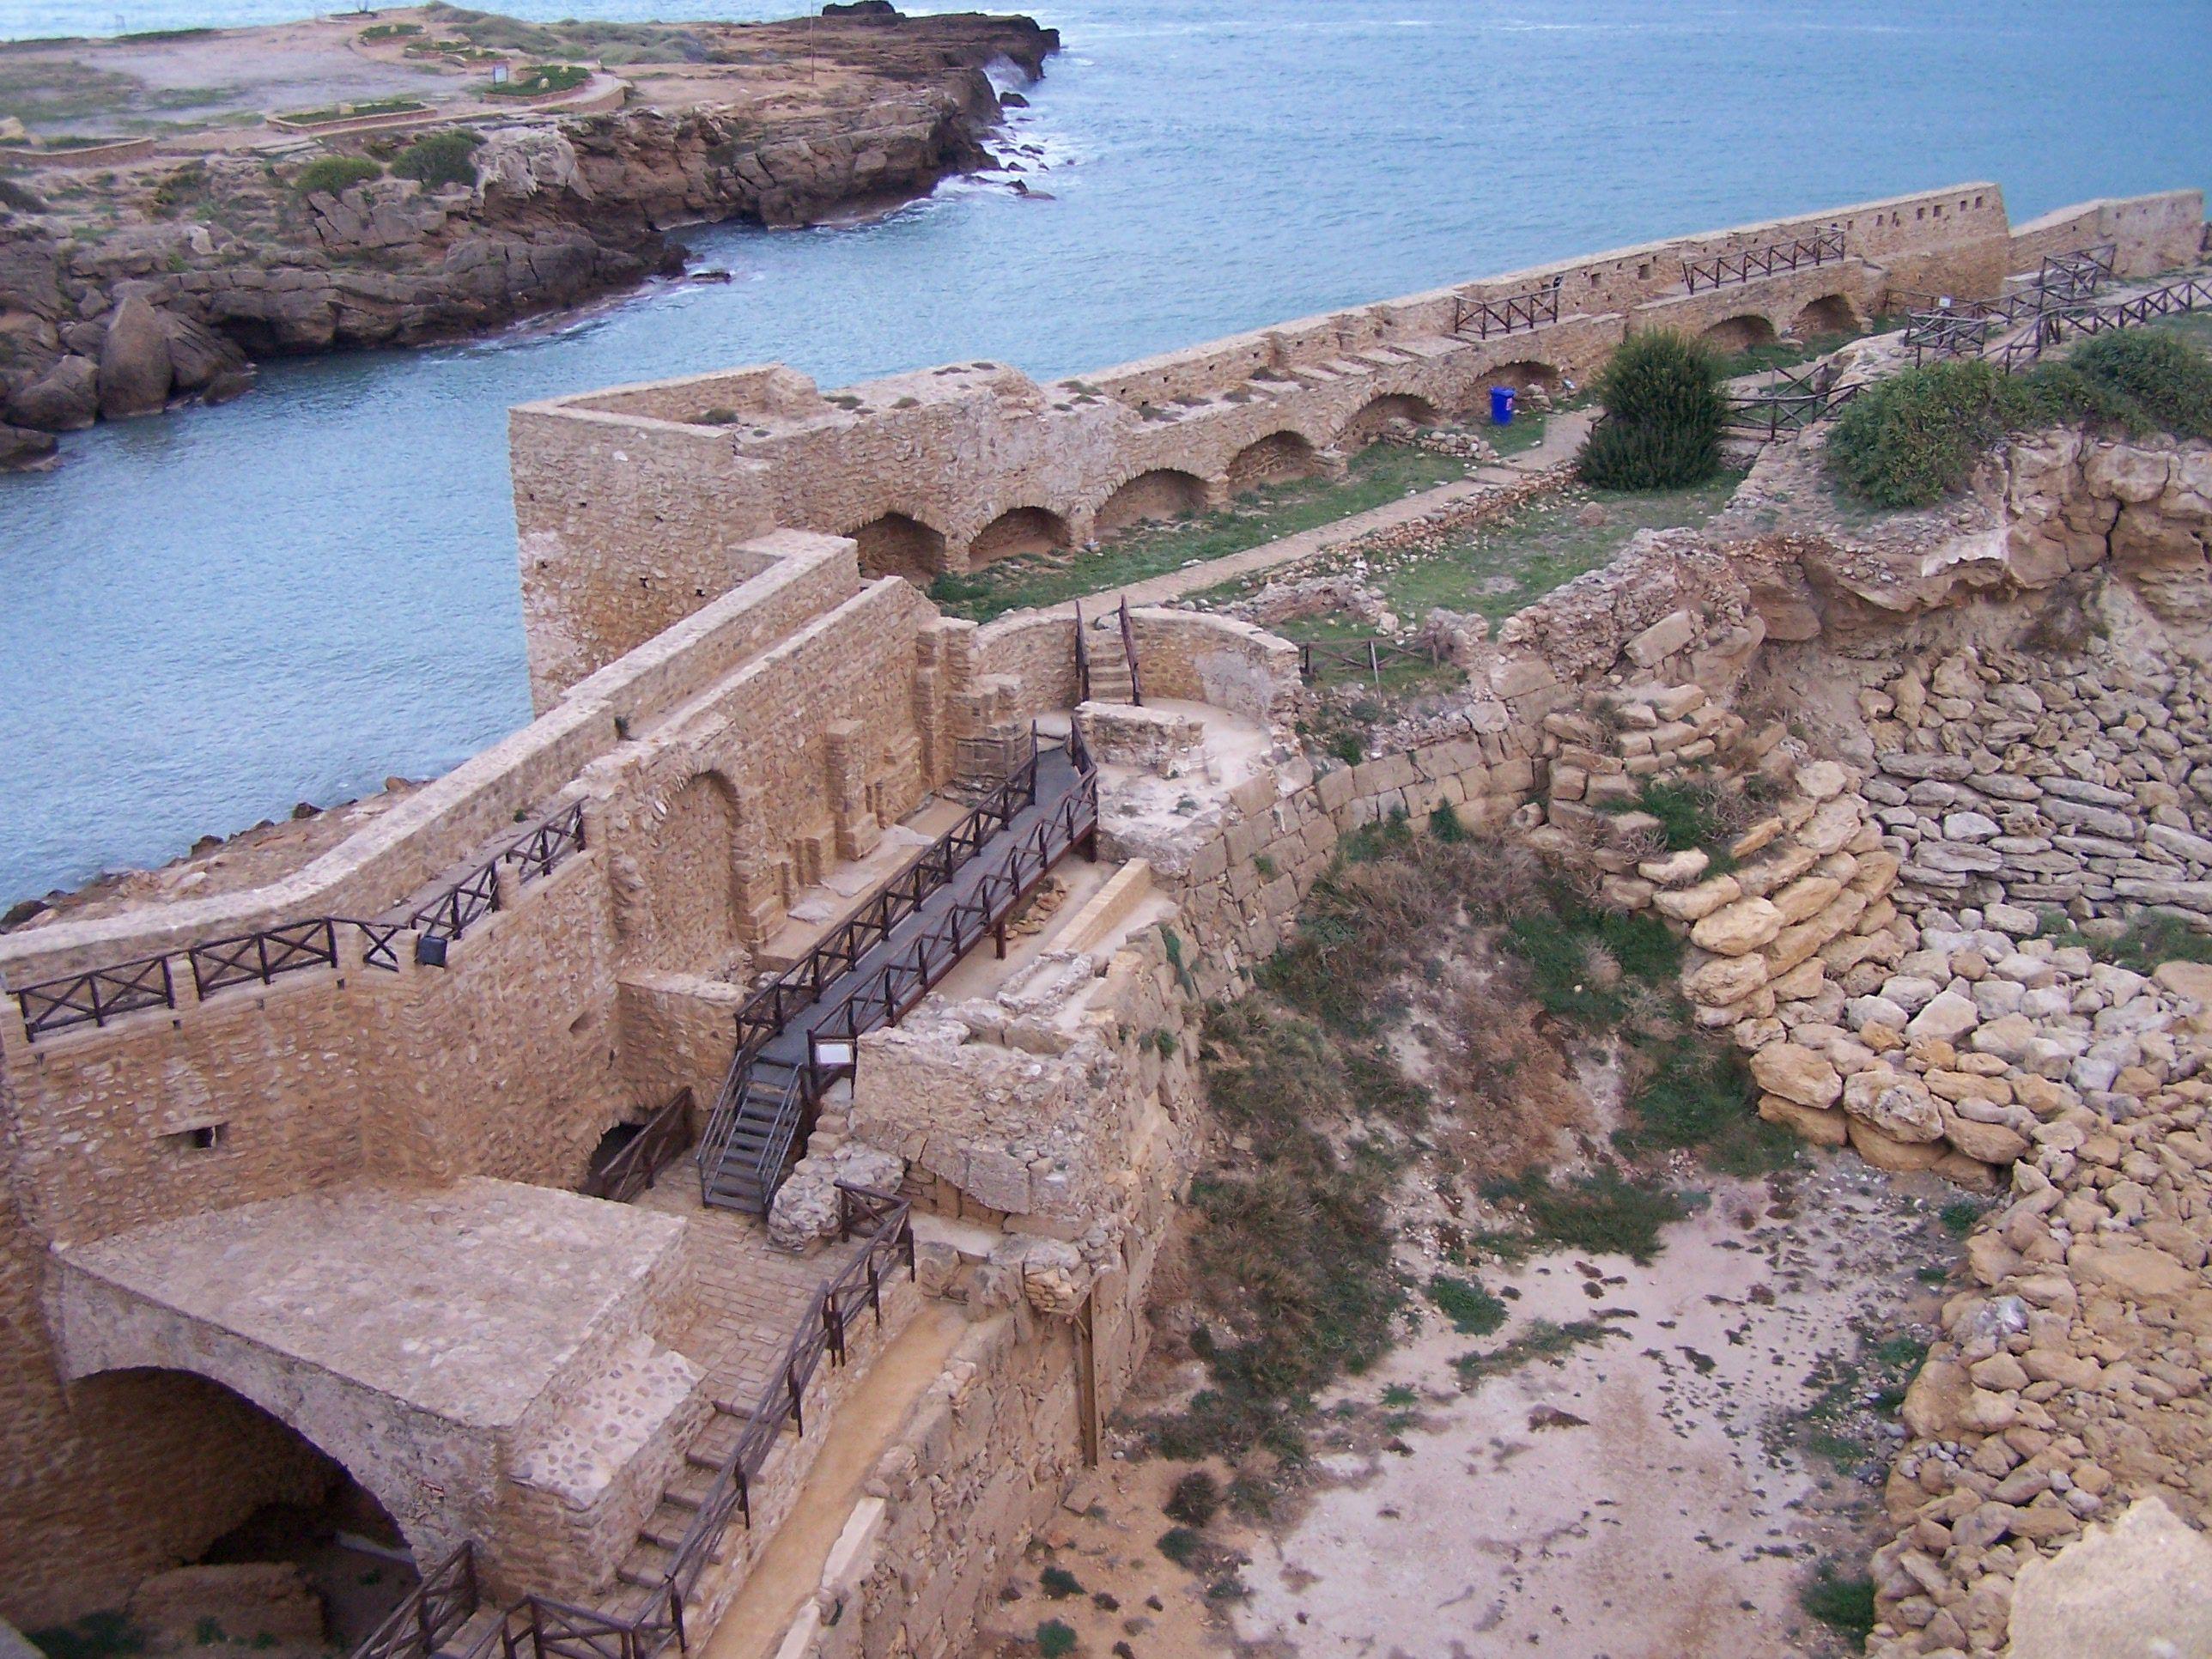 Località Le Castella, in provincia di Crotone, la sua meravigliosa fortezza sul mare.